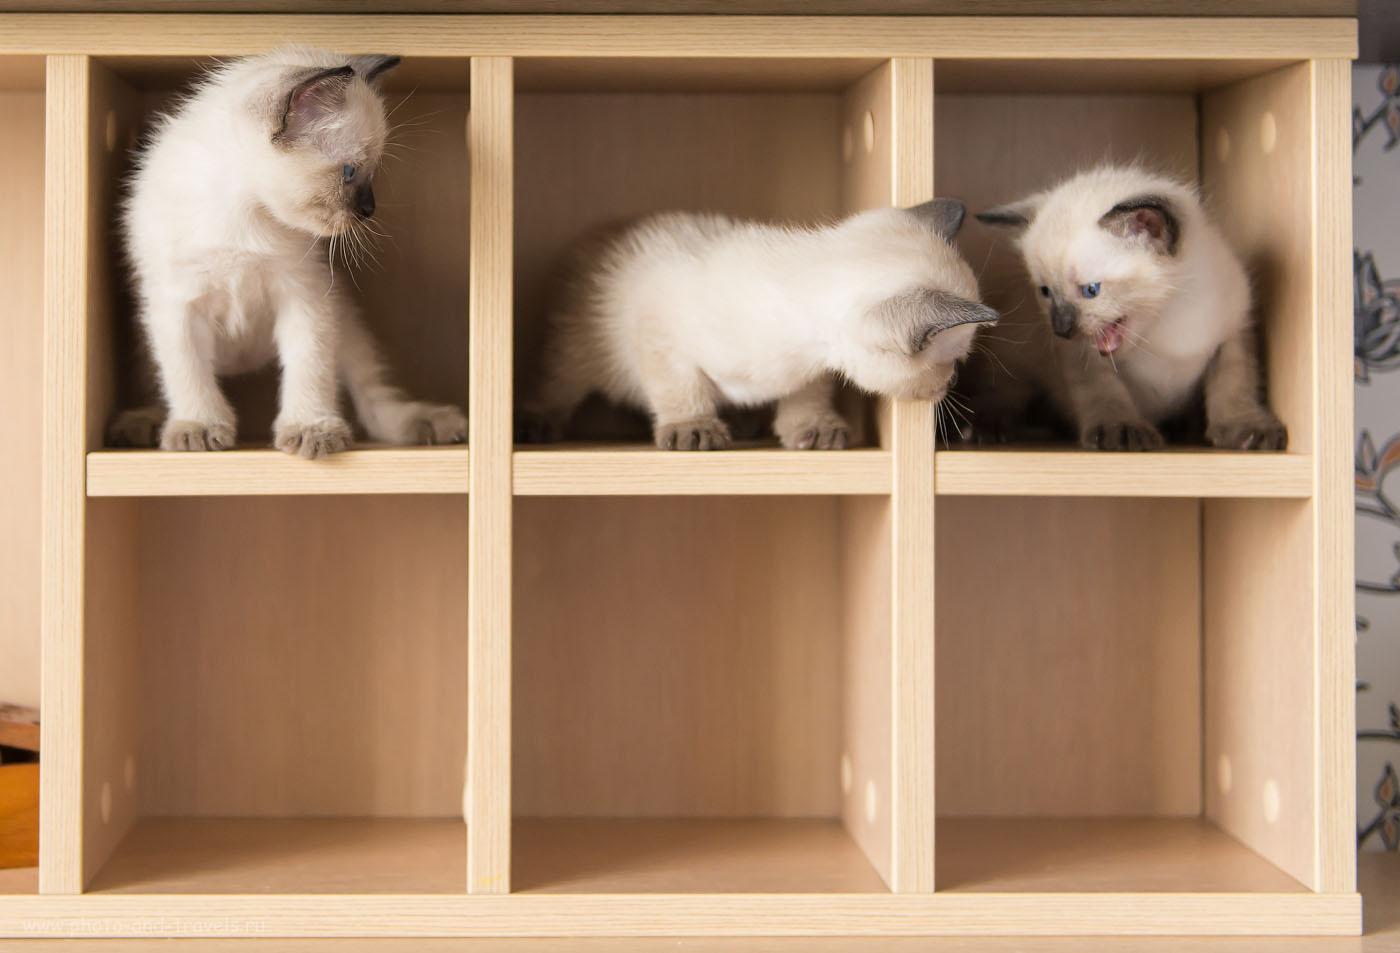 Фото 6. Съемка котят в домашних условиях. Все - за одного! (800, 40, F/2.8, 1/320)